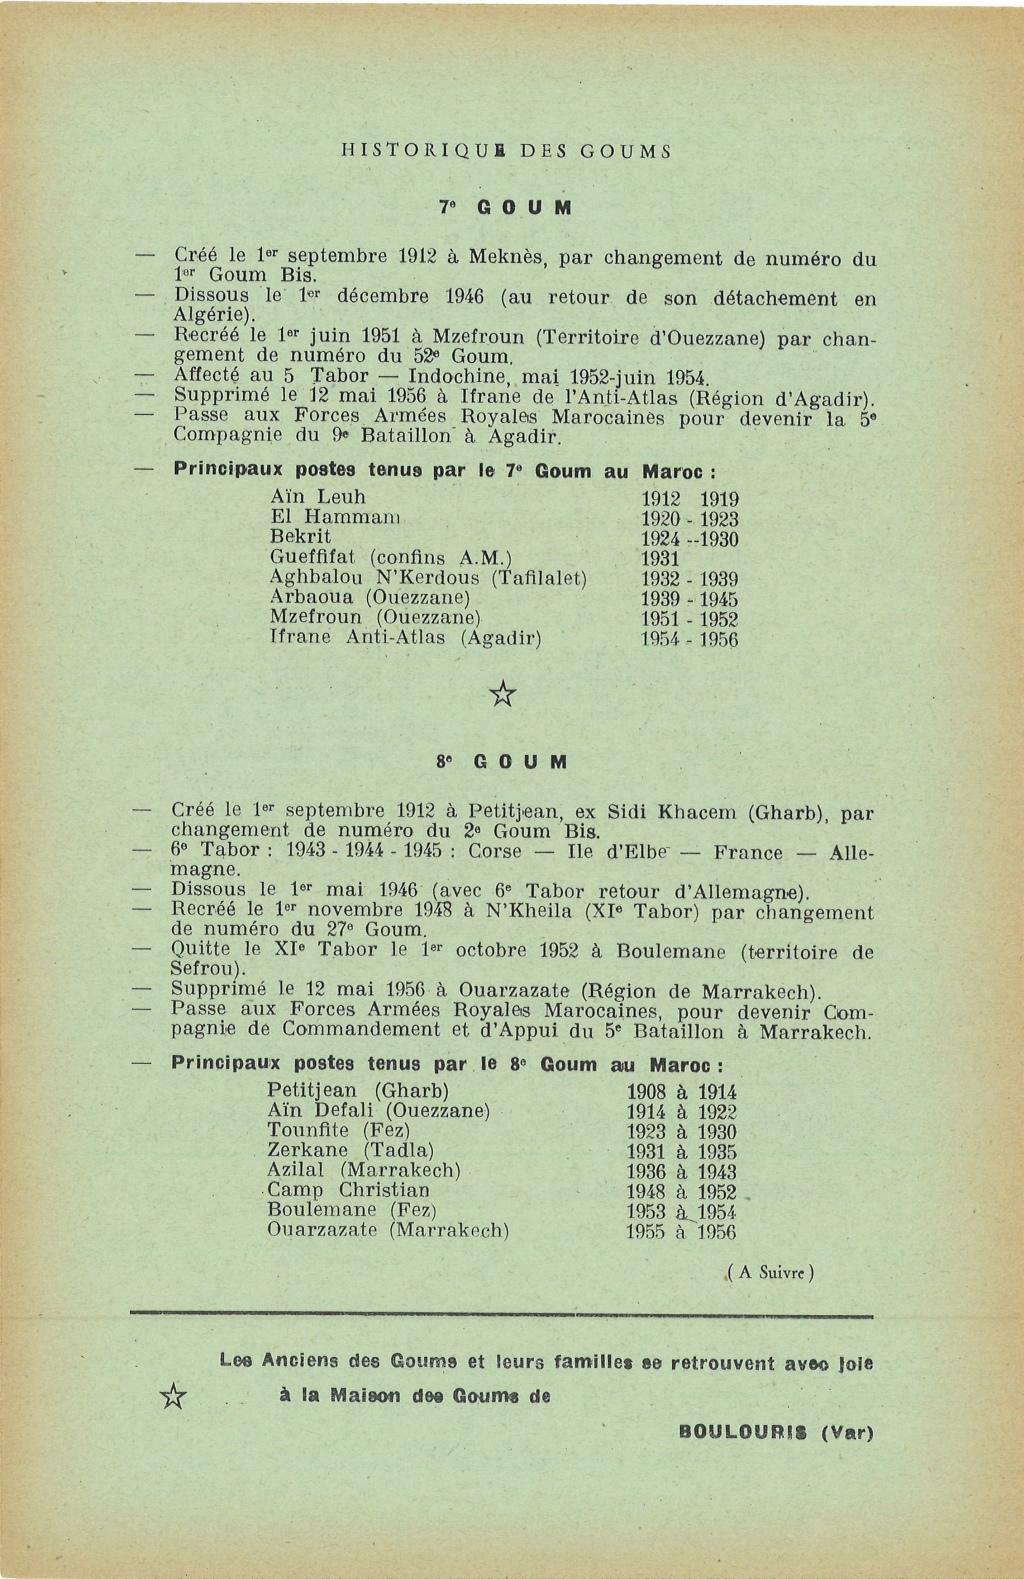 12 mai 1956 - Dissolution des Goumiers & integration aux FAR La_kou14